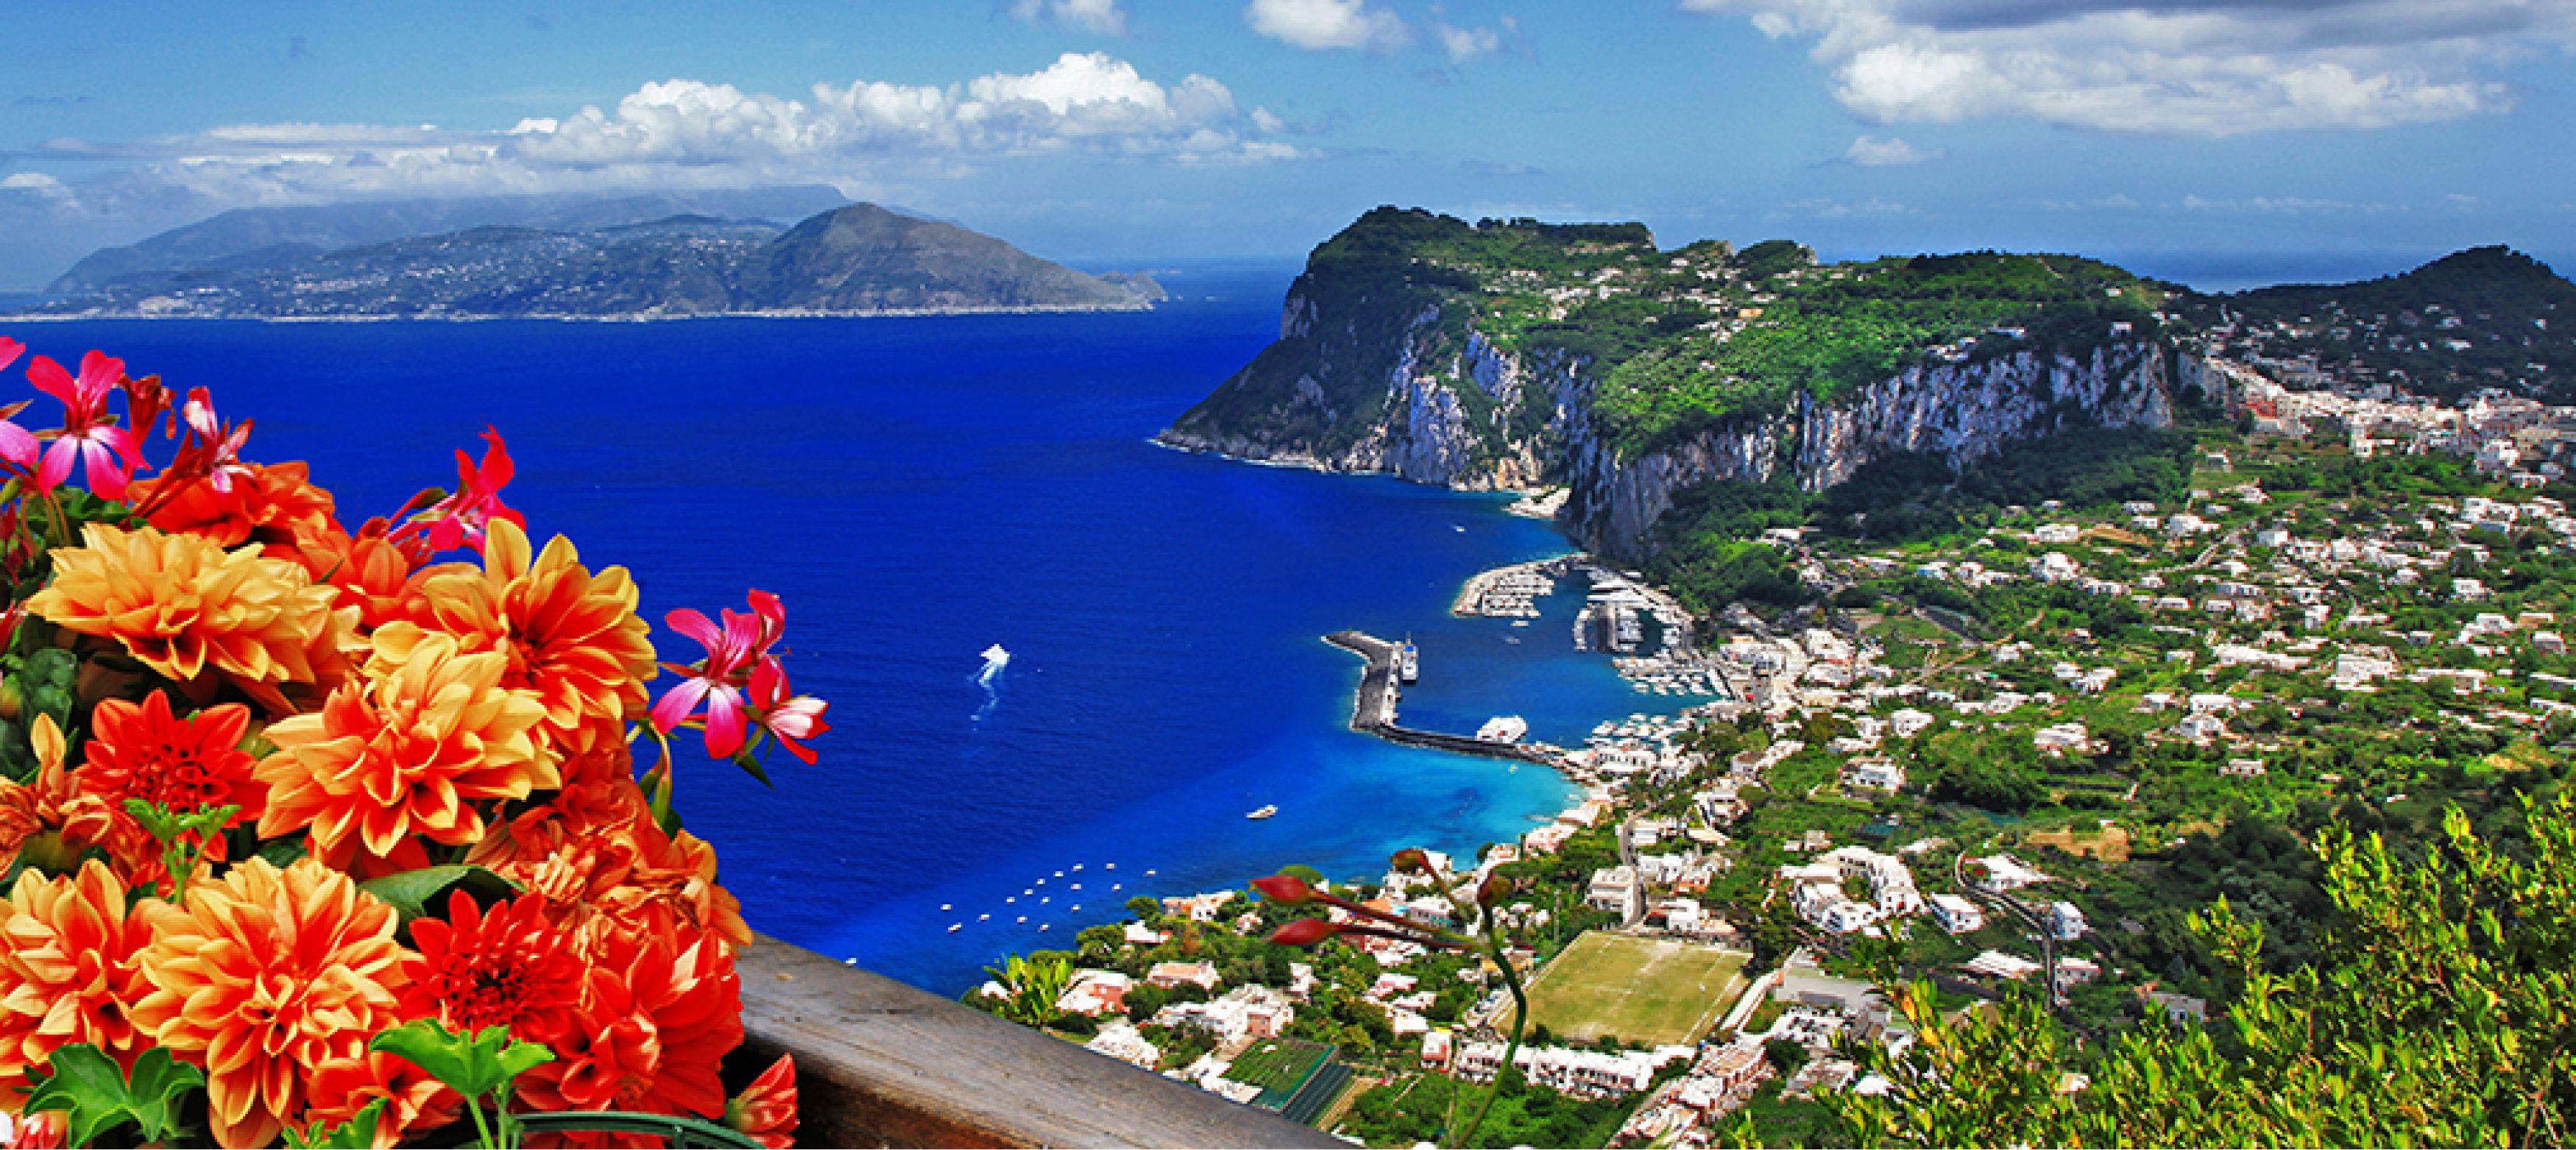 ön capri utanför amalifkusten med grön natur och blommor